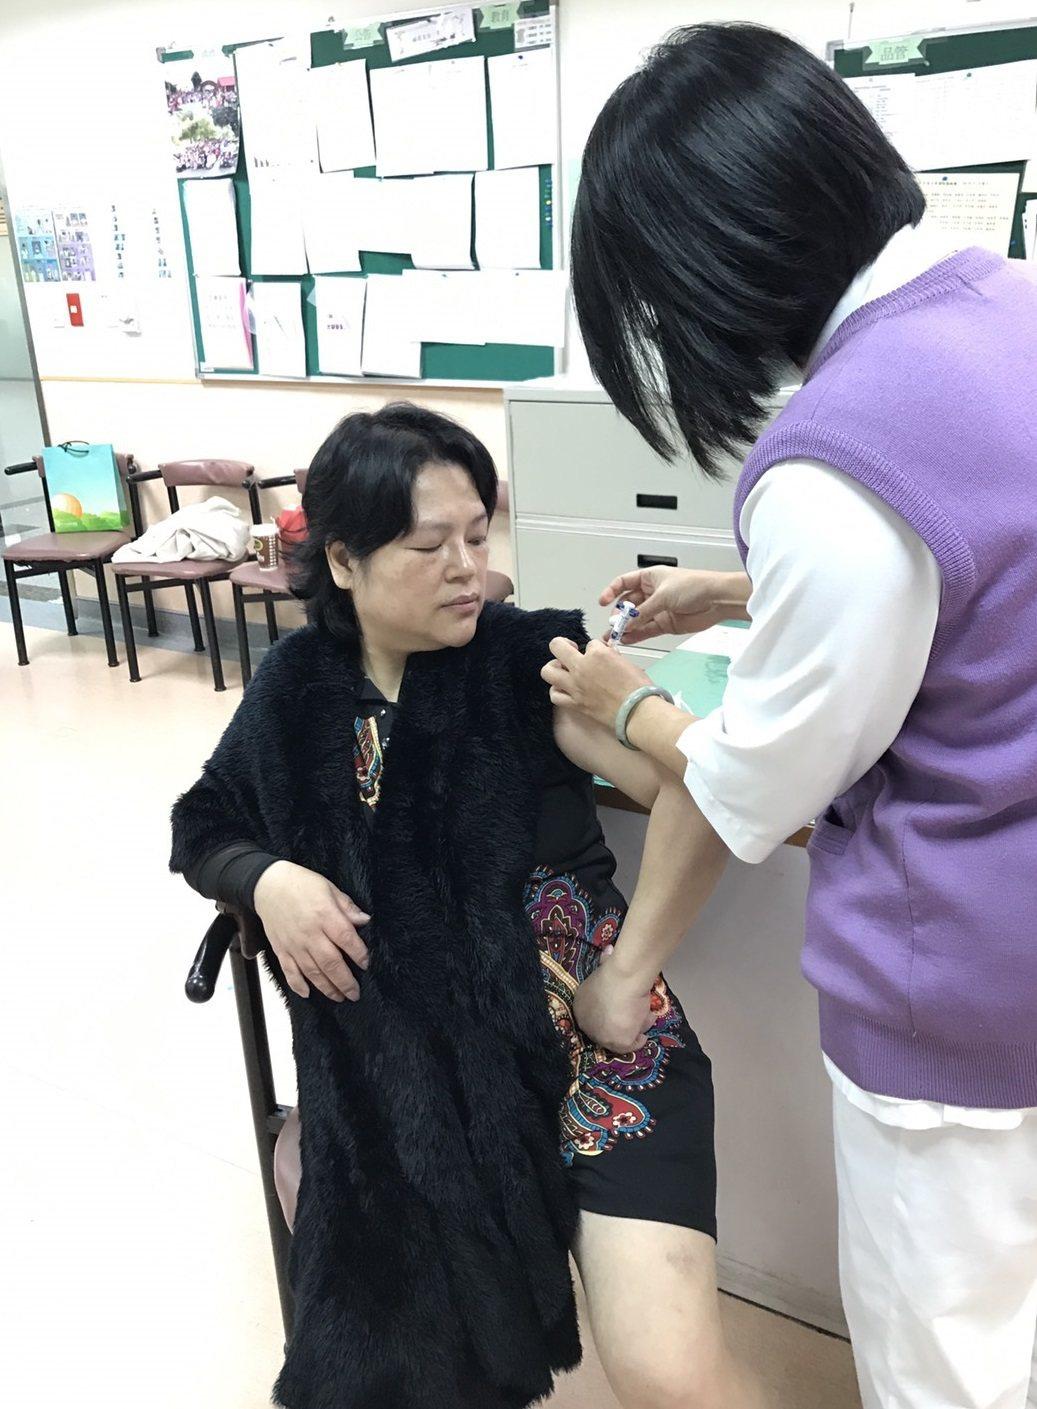 母親節將至,子女們要多多關心媽媽的免疫力,建議可以施打肺炎鏈球菌疫苗加強保護力(...